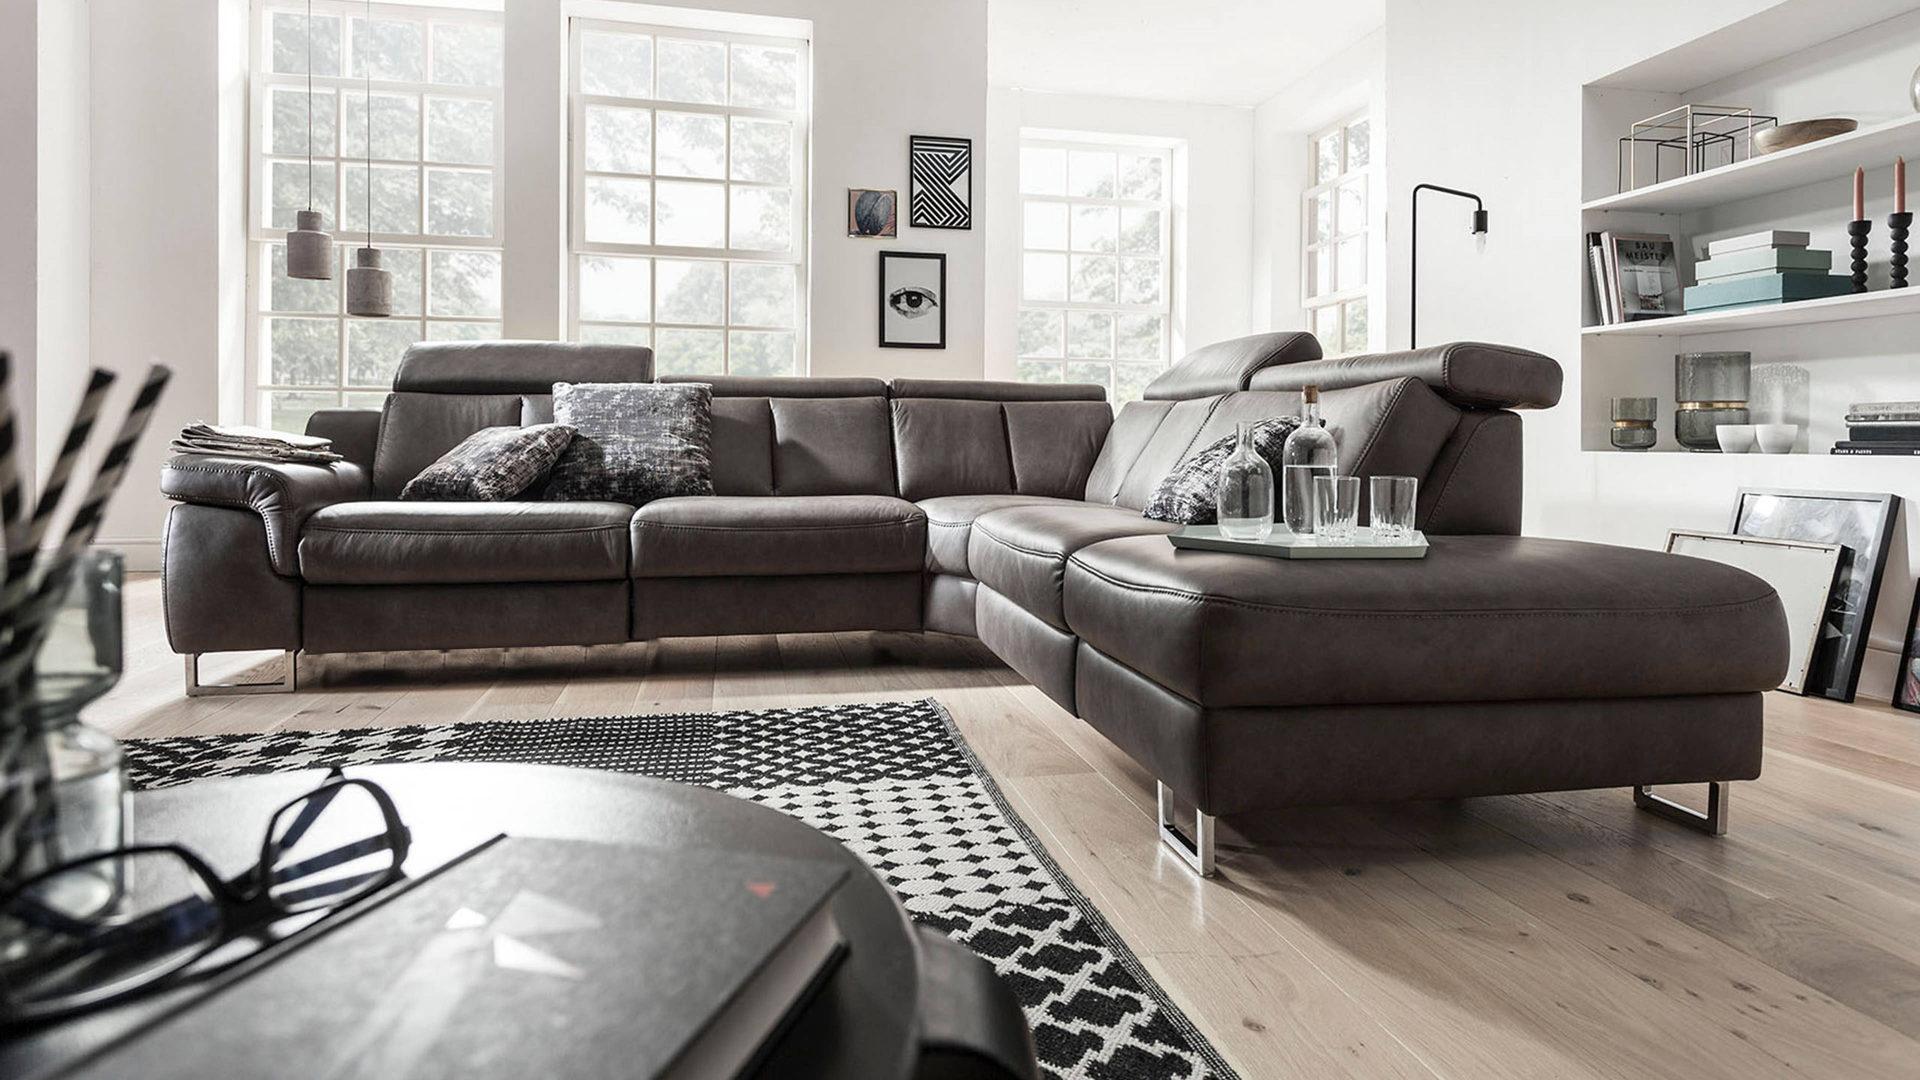 Wohnkauf Zeller Weilburg, Interliving Sofa Serie 10